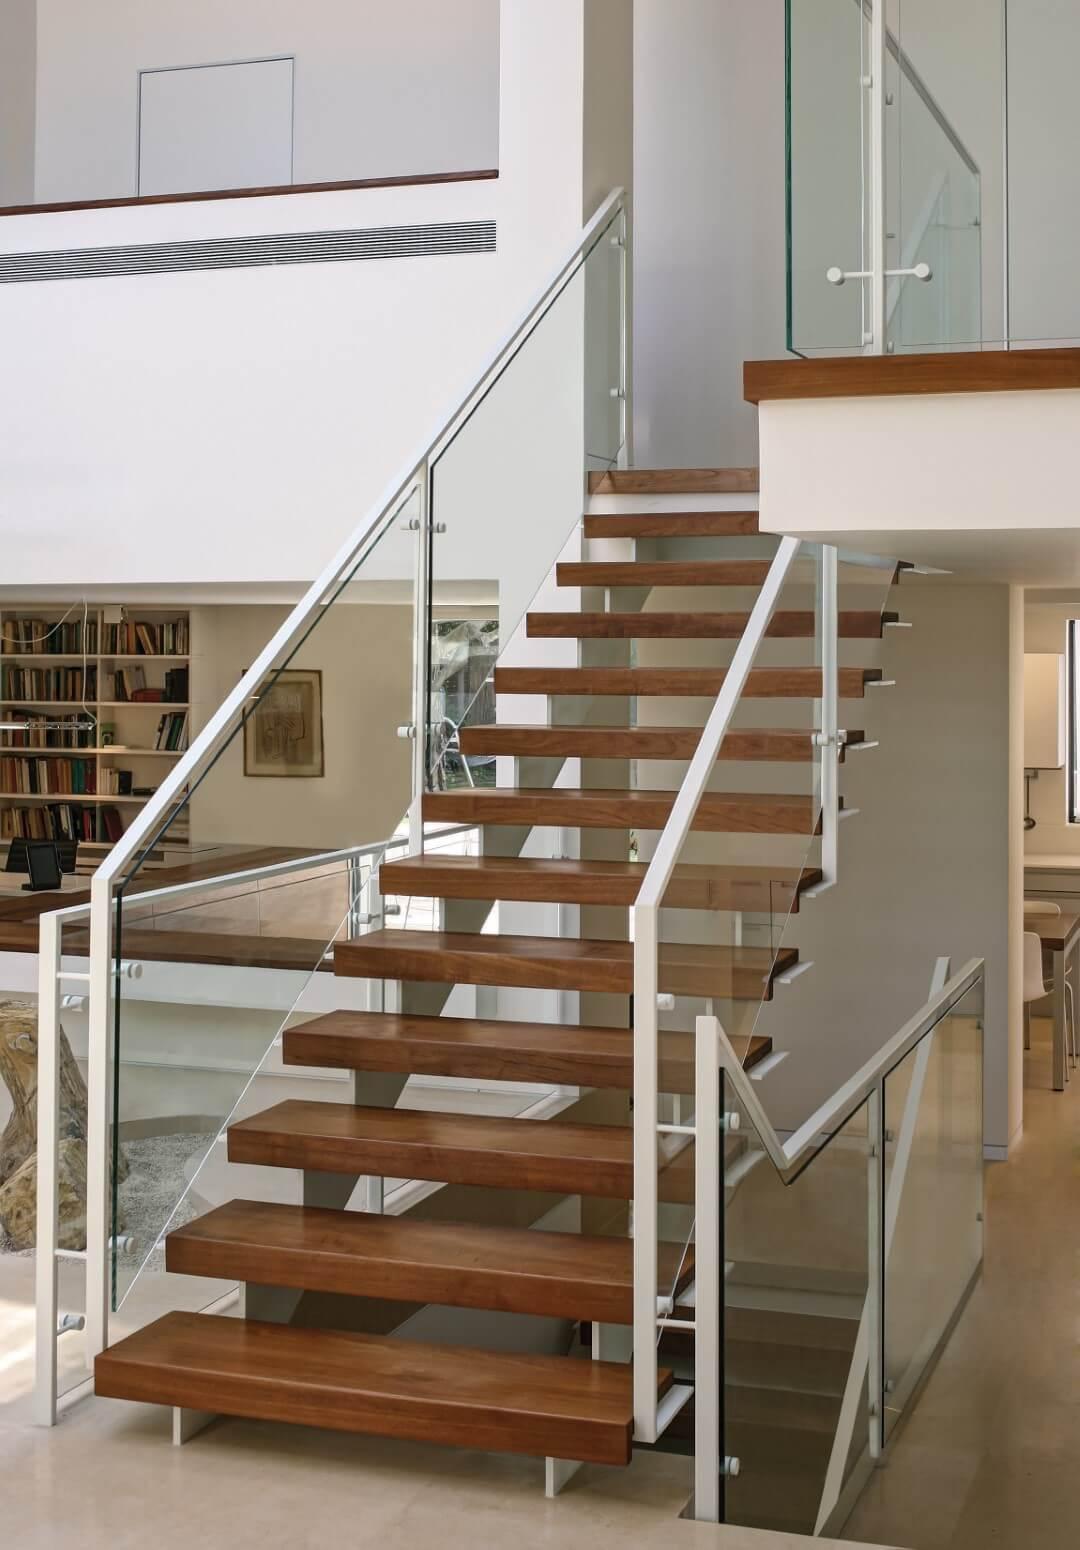 גרם מדרגות העץ עולה אל הקומה השניה